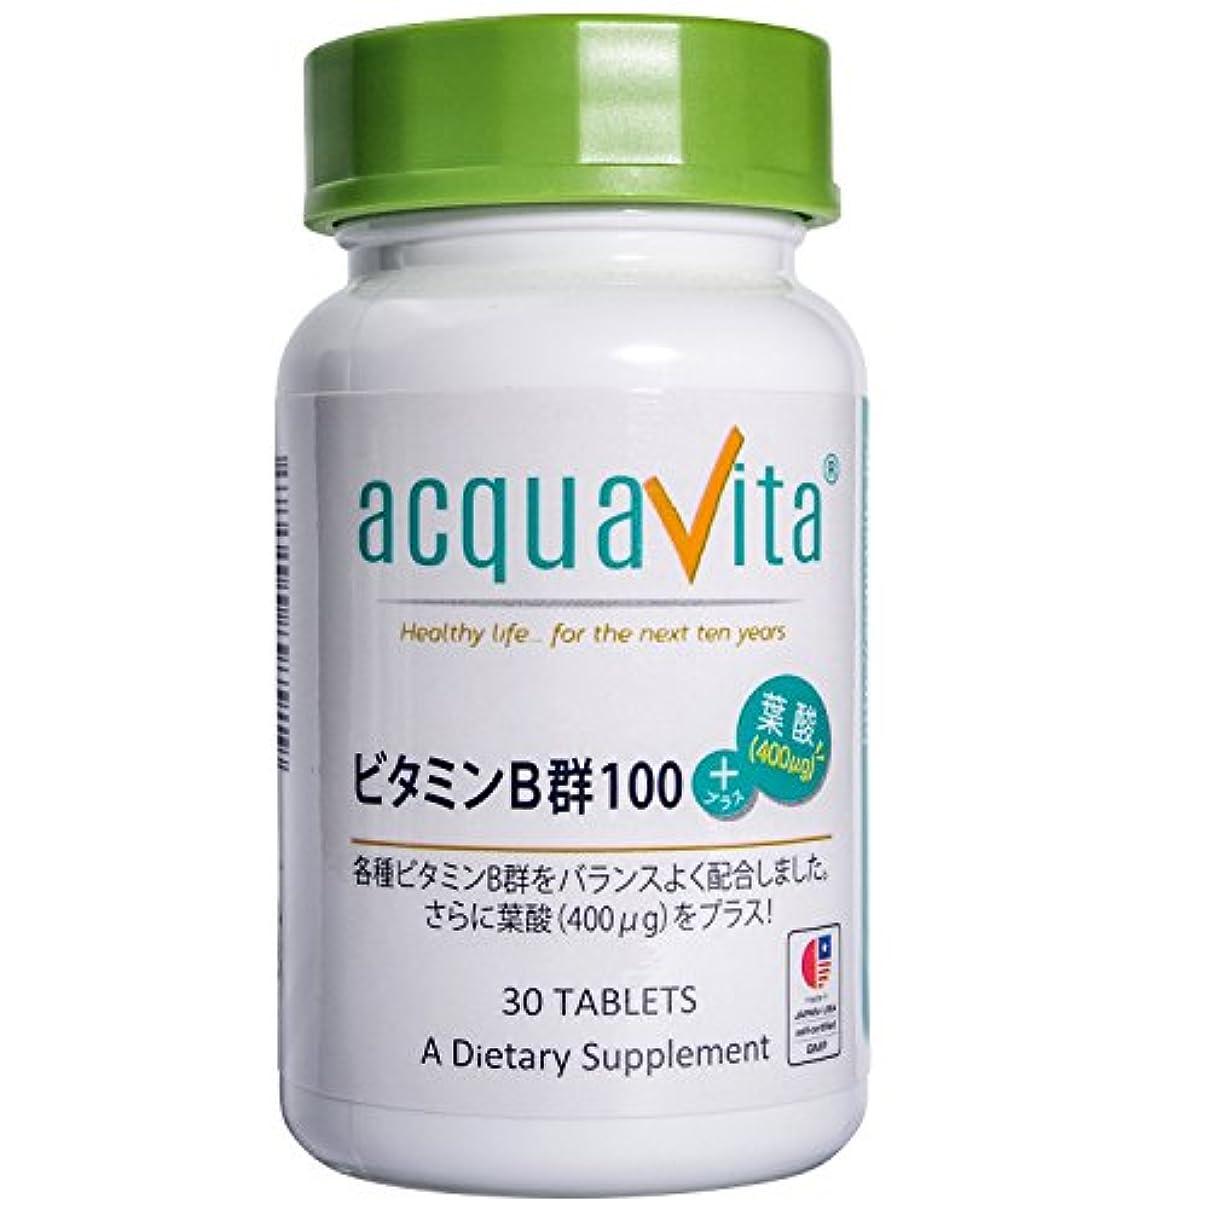 対処するメンタリティ許可acquavita(アクアヴィータ) ビタミンB群100+葉酸(400μg) 30粒